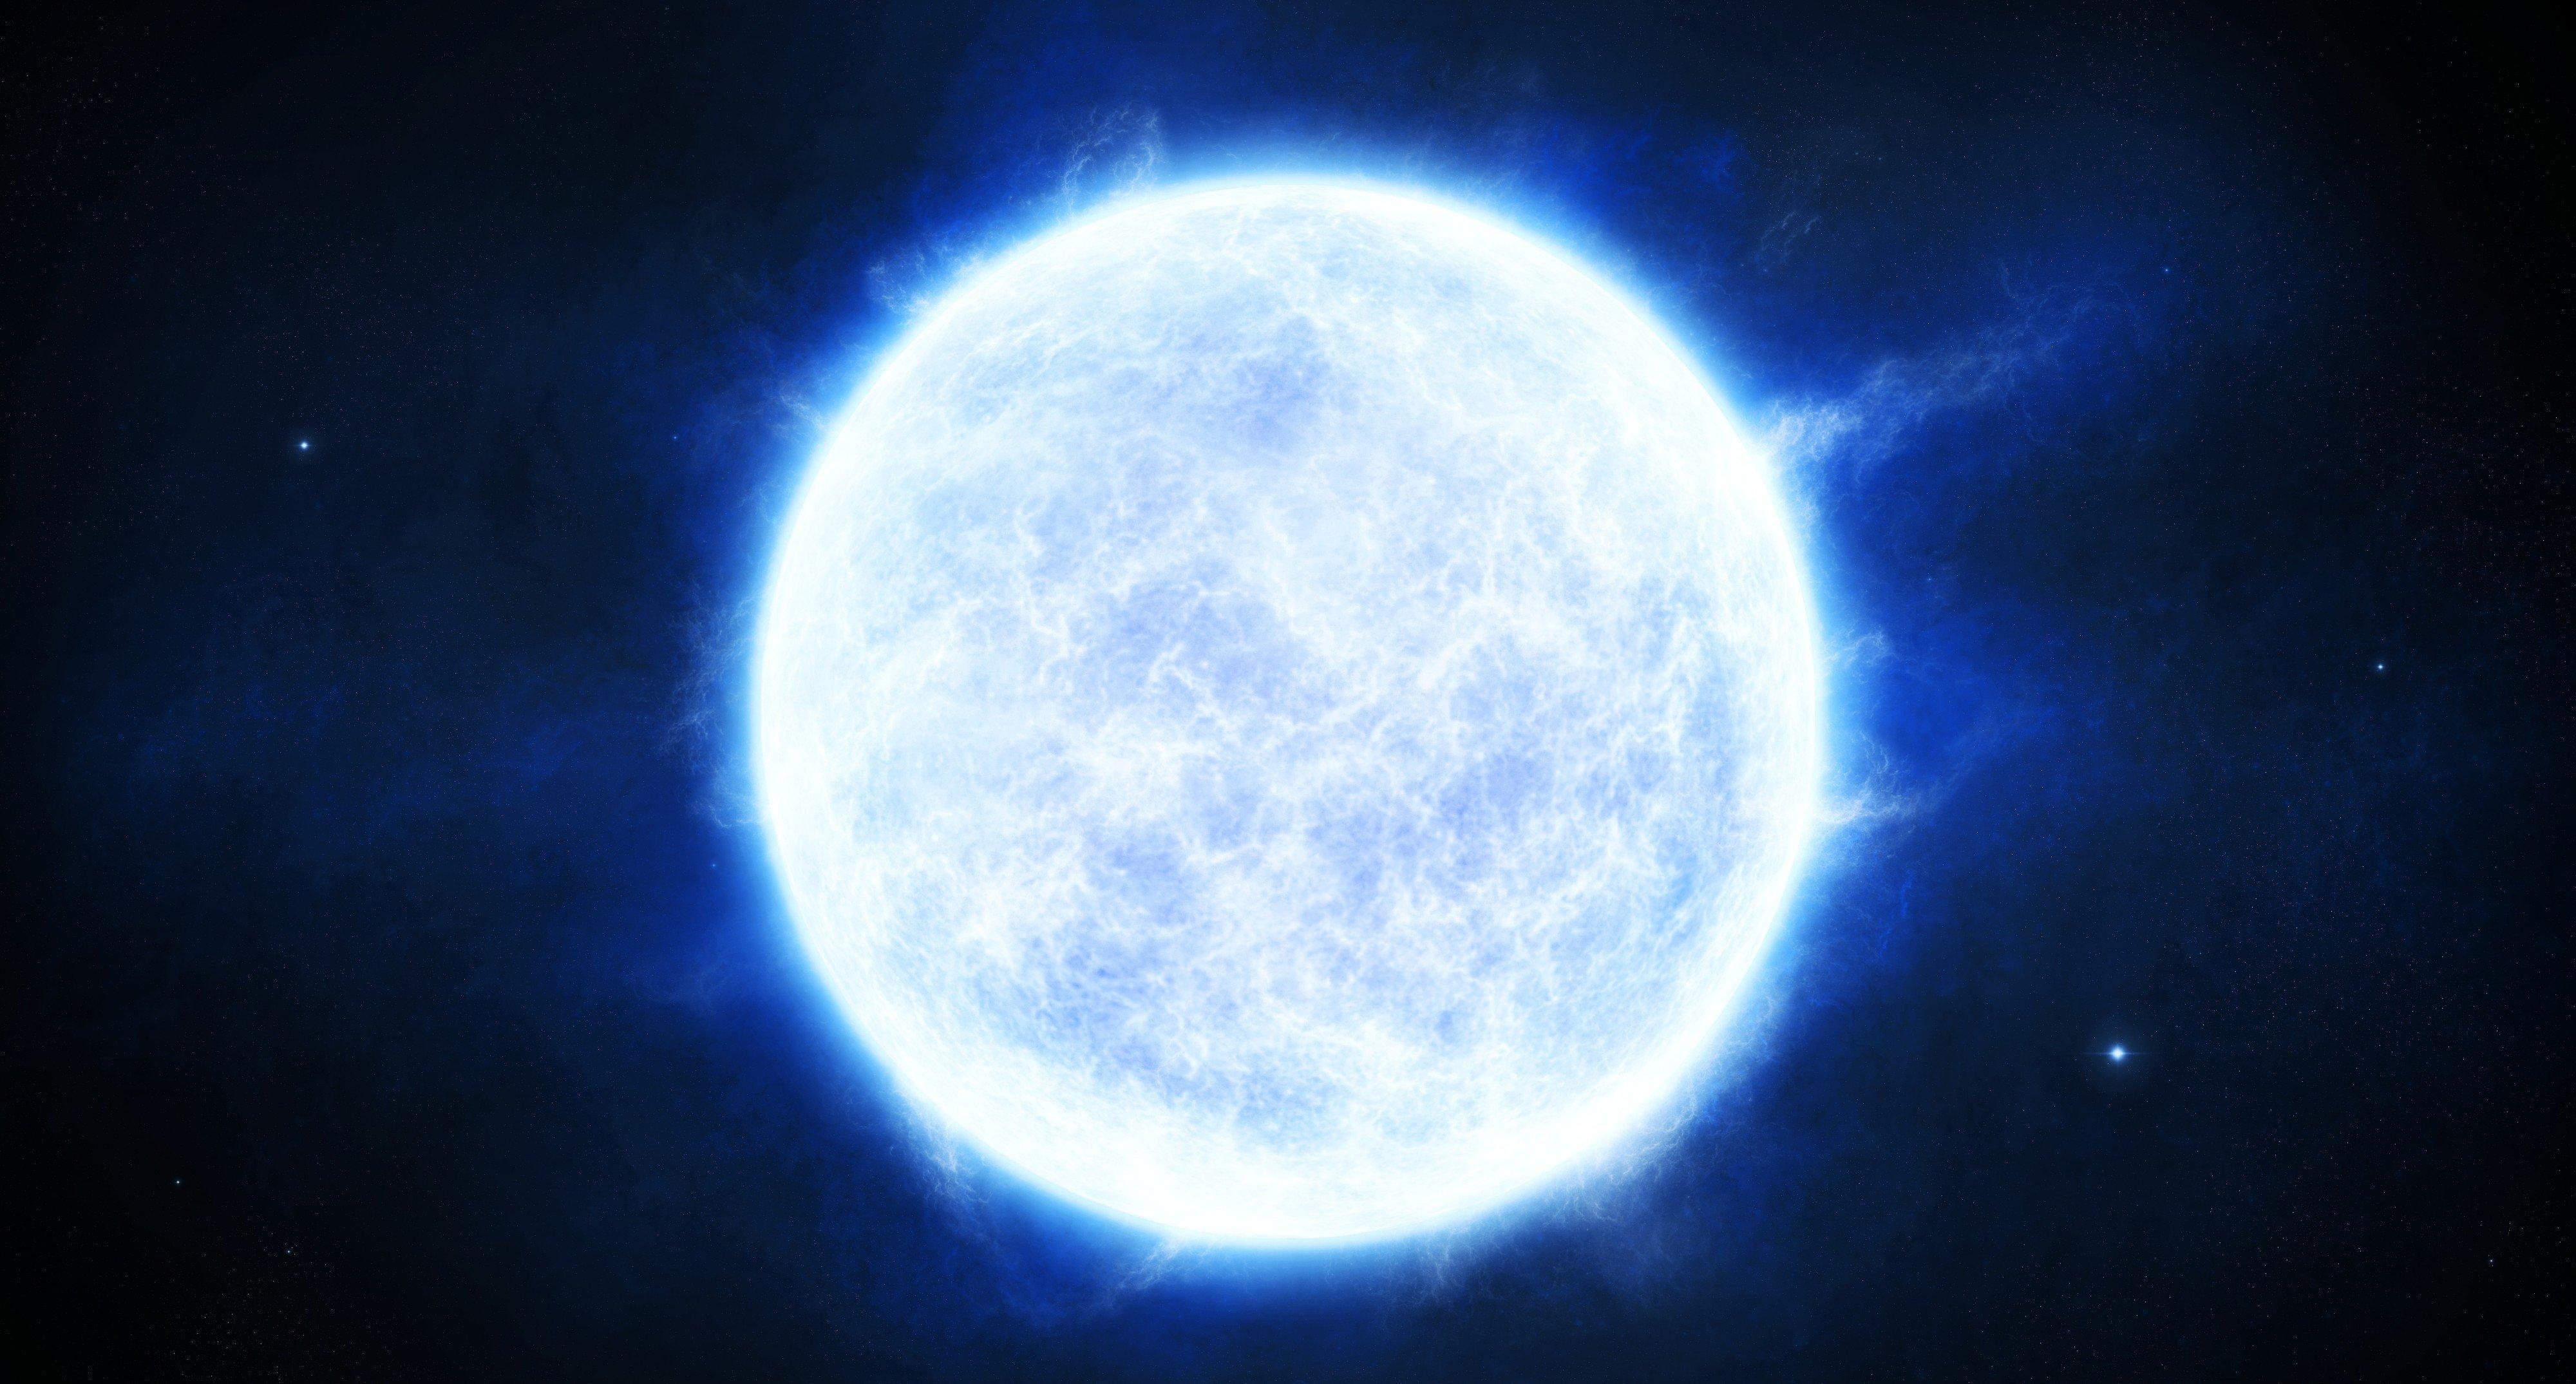 Через миллионы лет земляне перестанут видеть затмения Солнца— Ученые